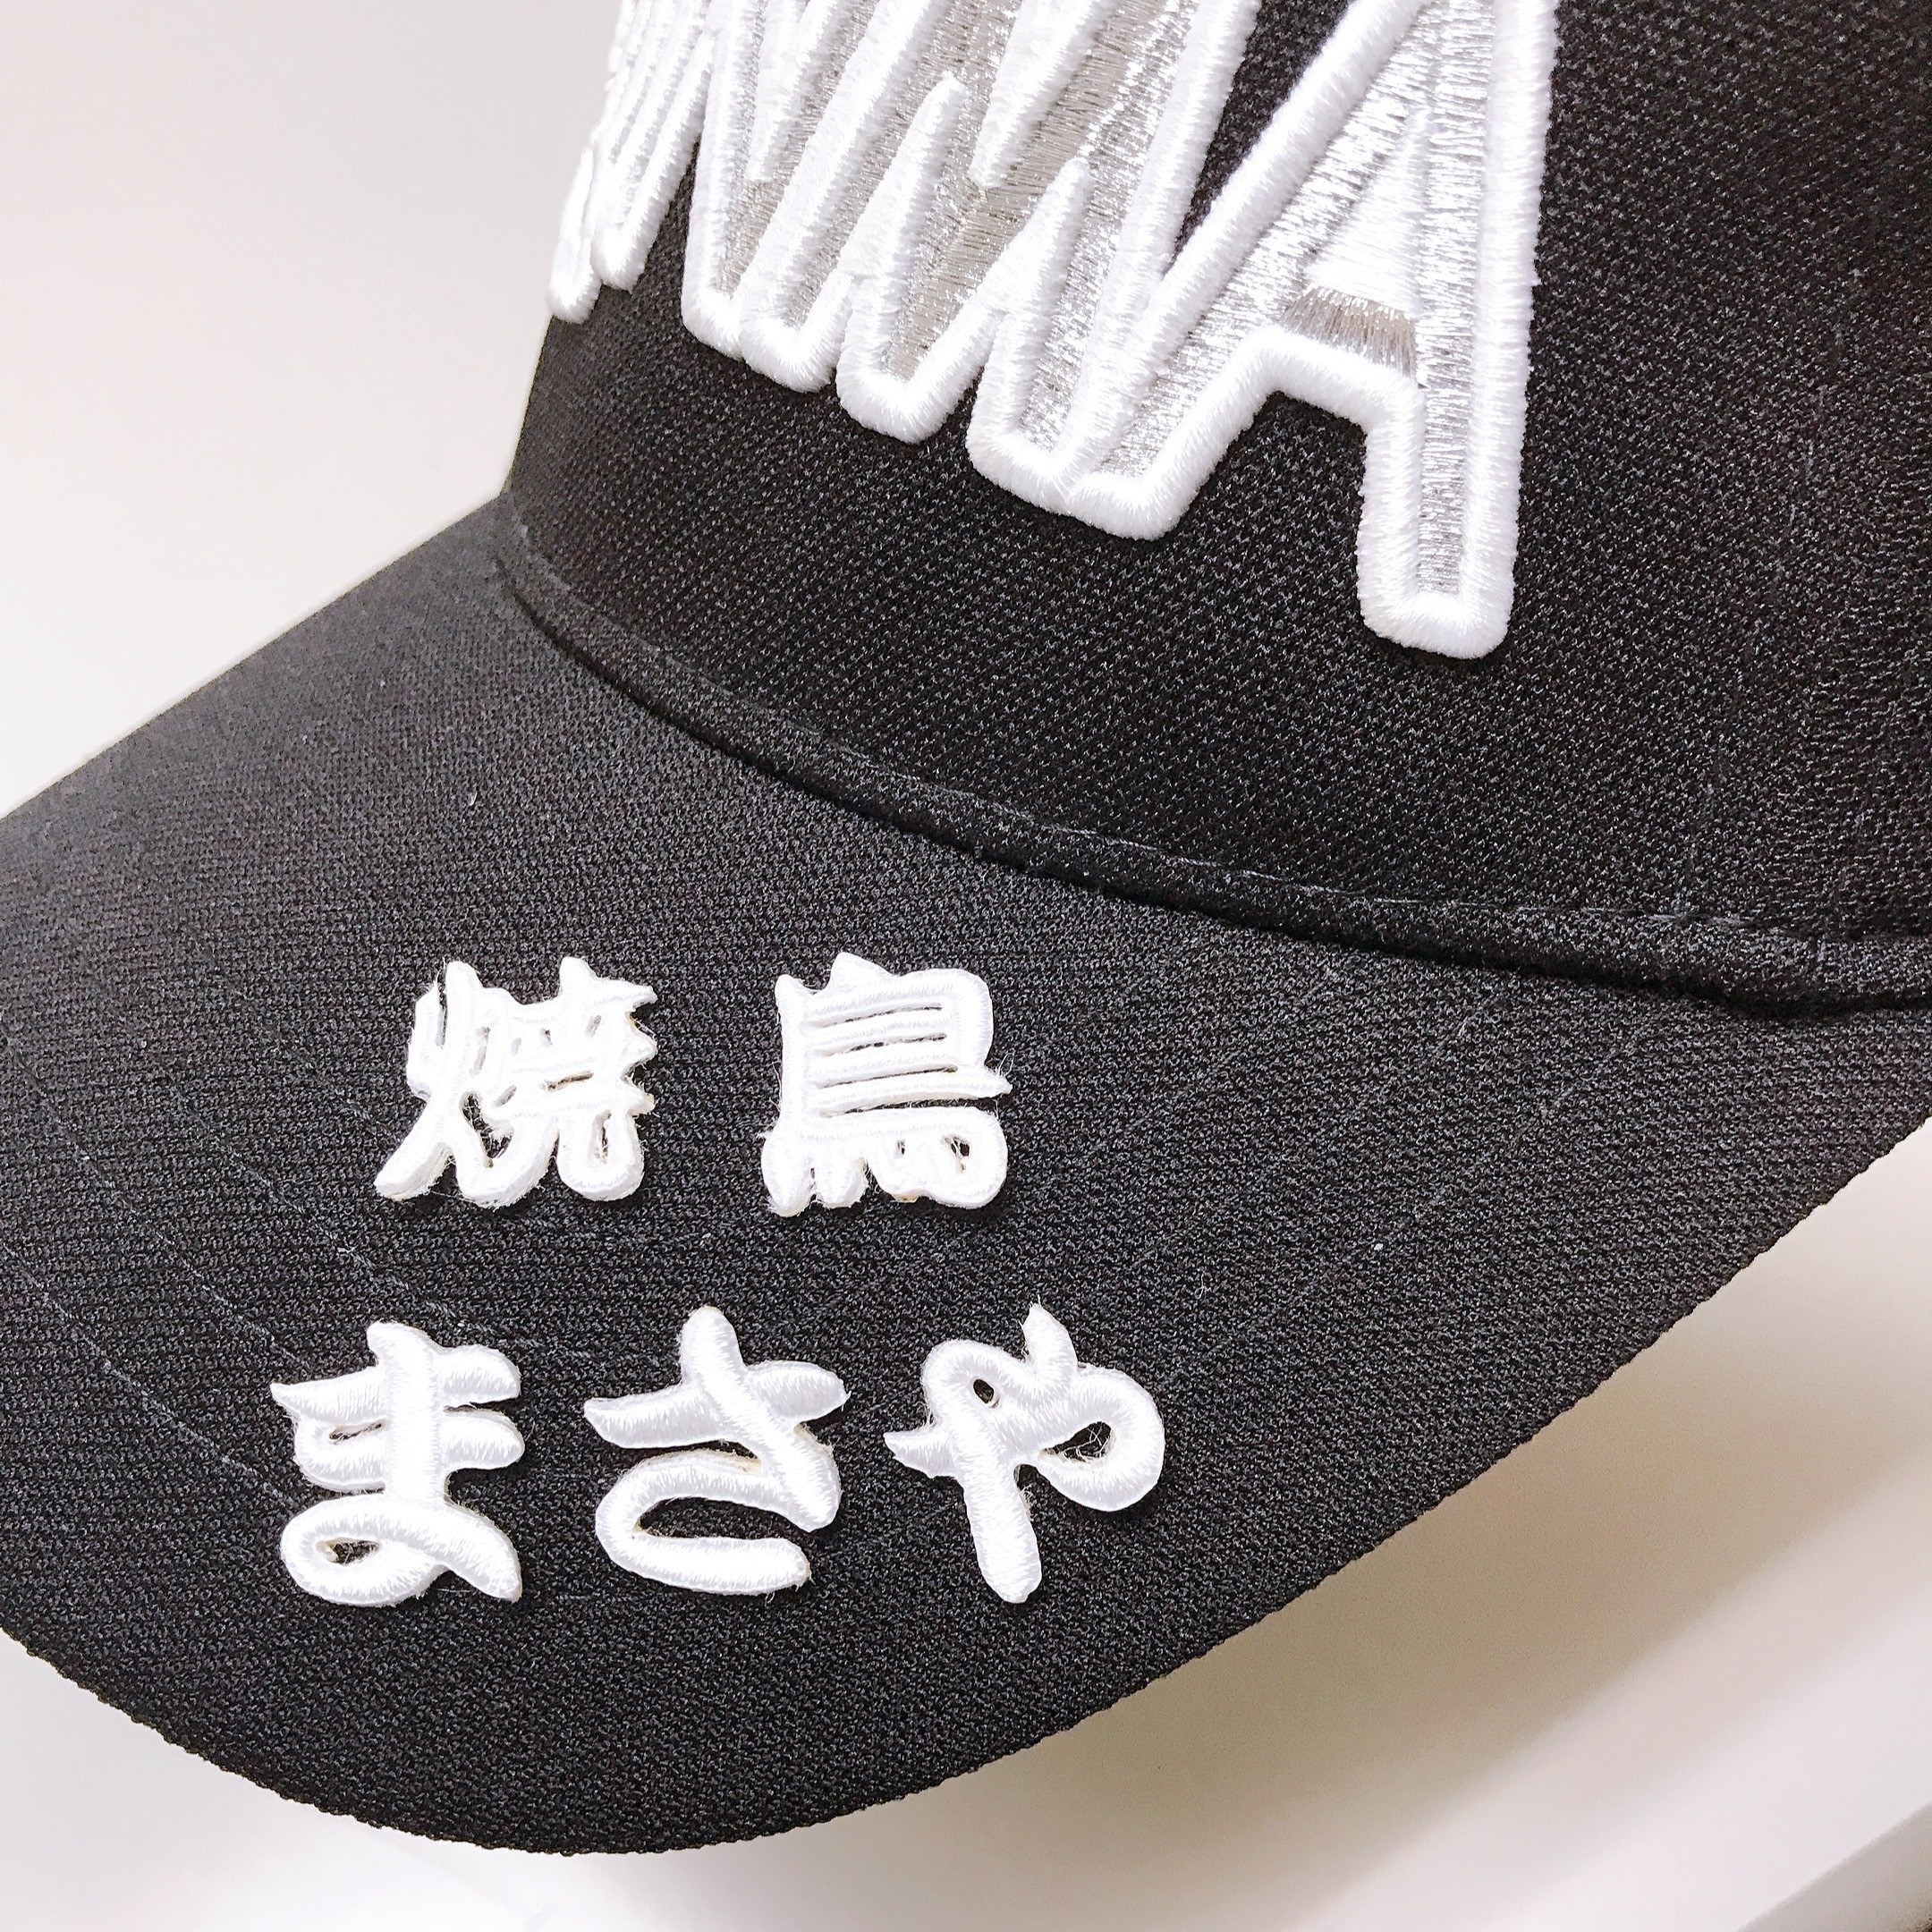 ワッペン加工(サガラ・コード・3D・ロック)